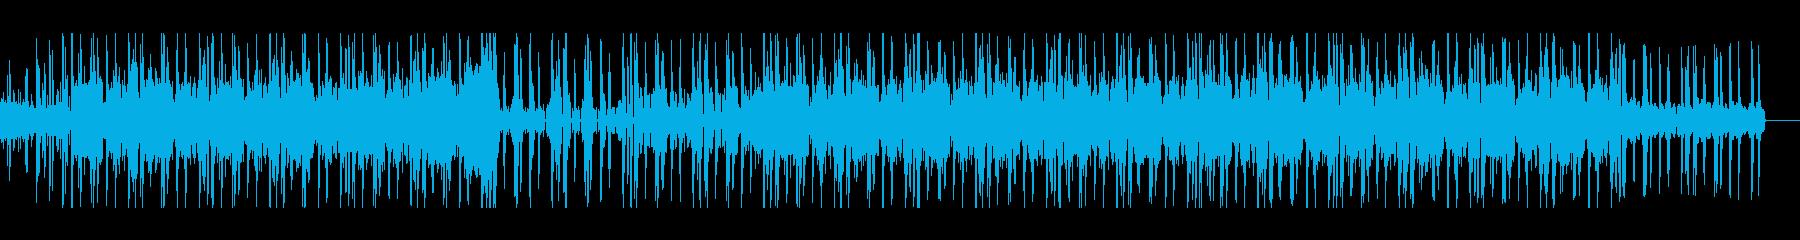 ギターベース生演奏おしゃれなHIPHOPの再生済みの波形